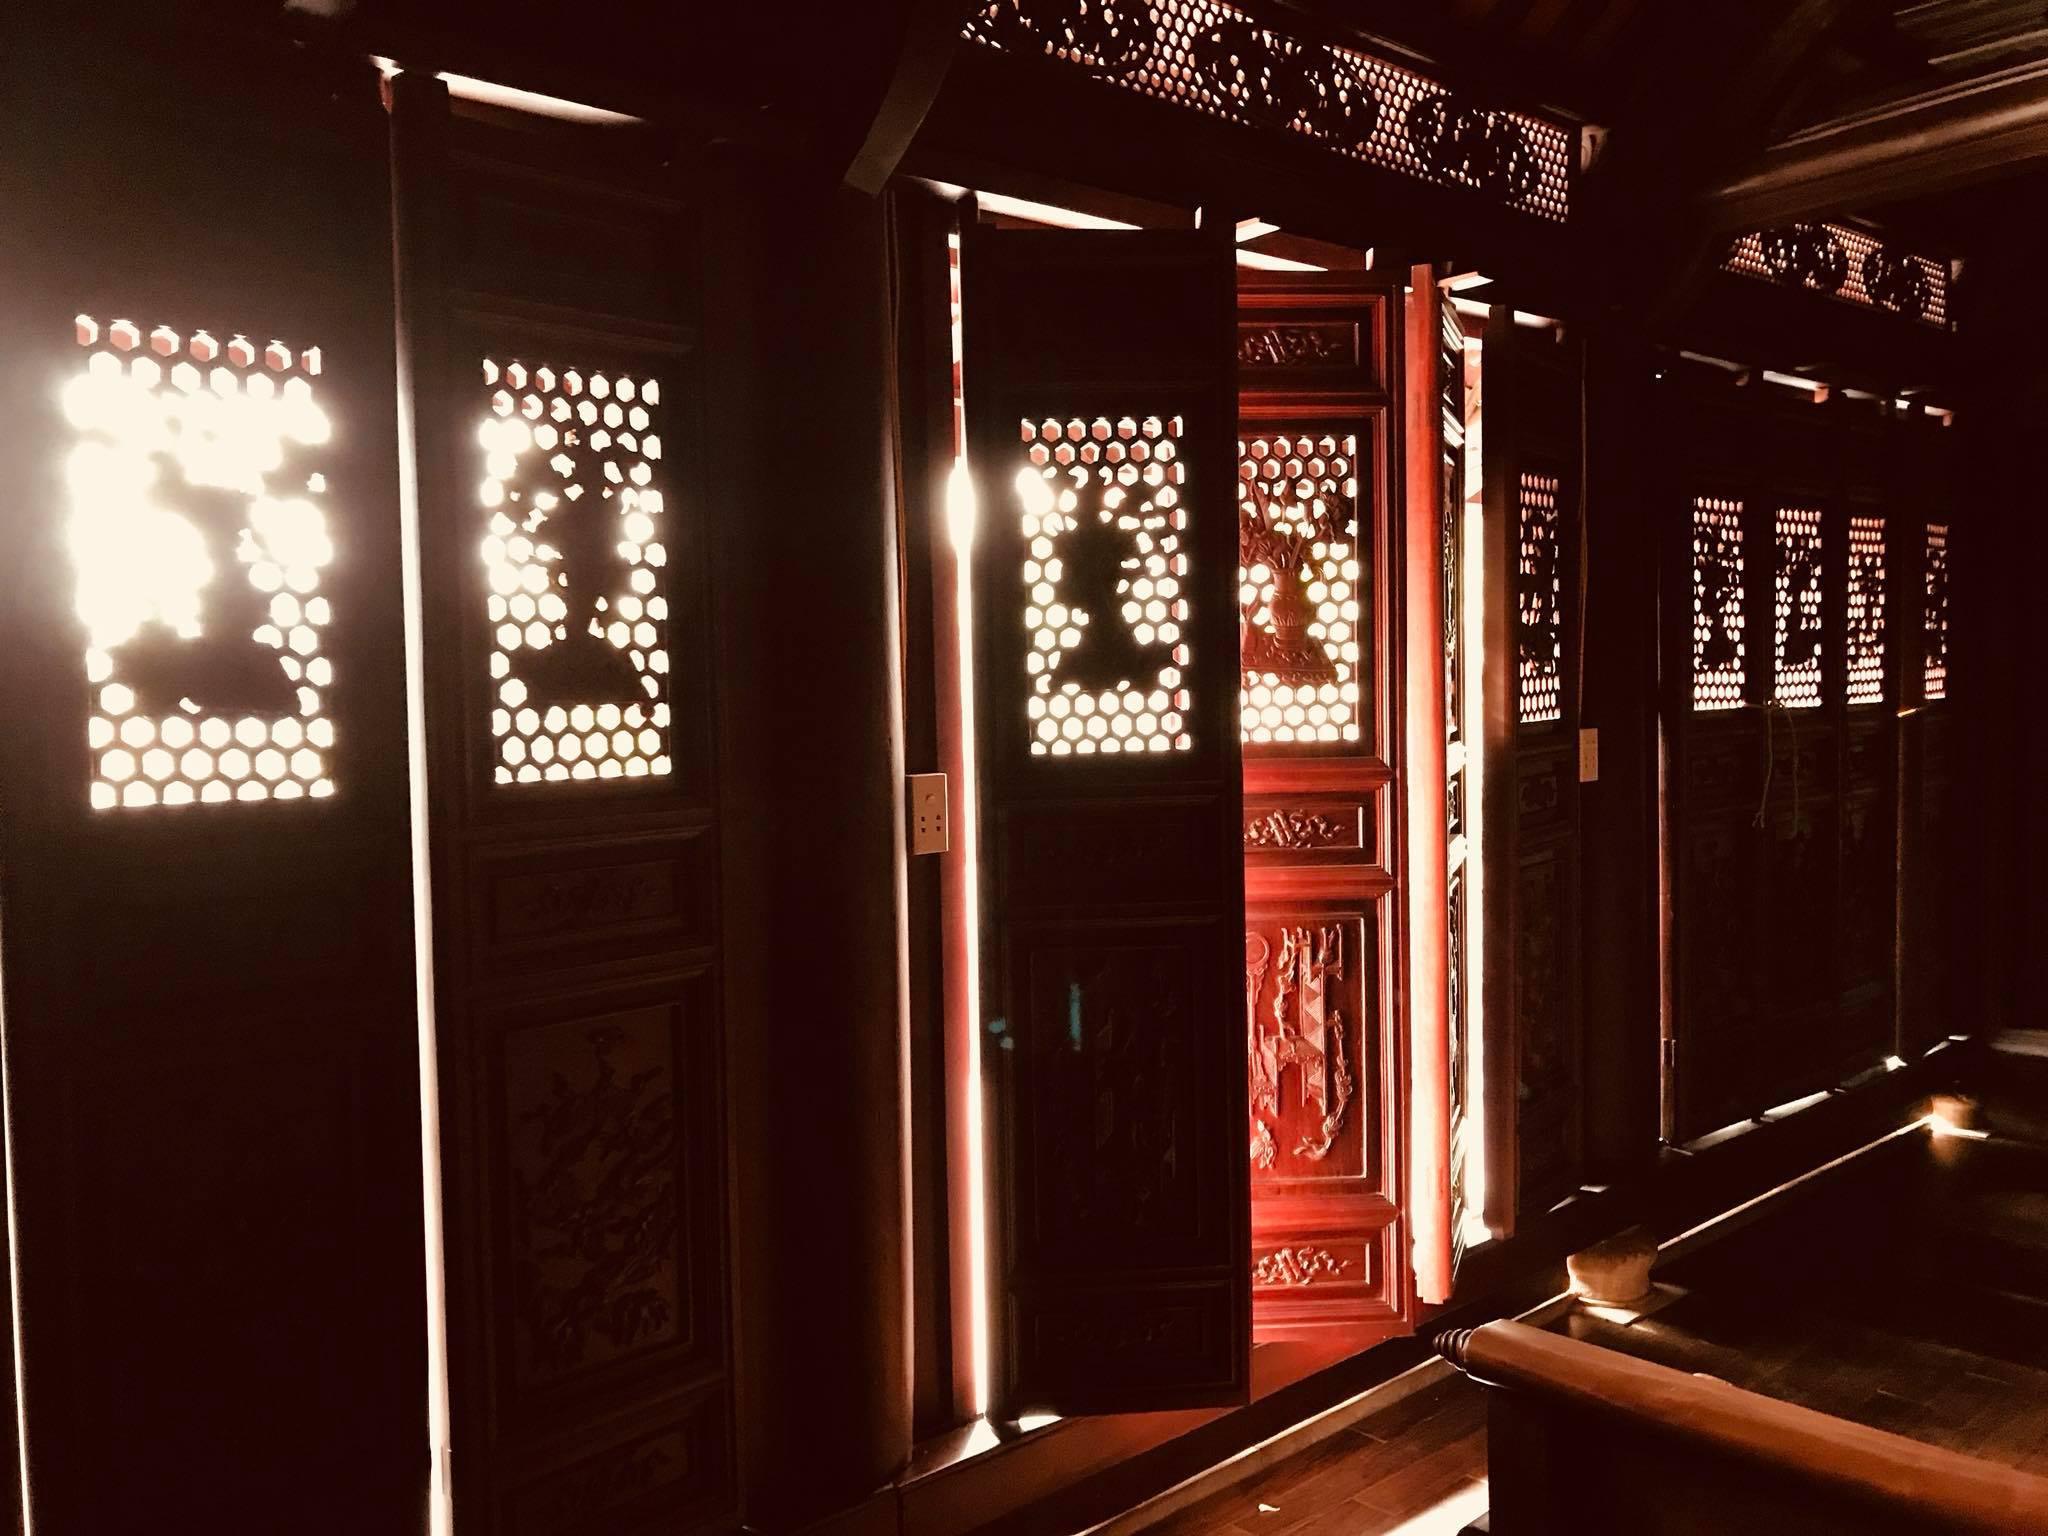 Cận cảnh nhà cổ trăm tuổi toàn bằng gỗ quý, đẹp hiếm có ở Nam Định - 5